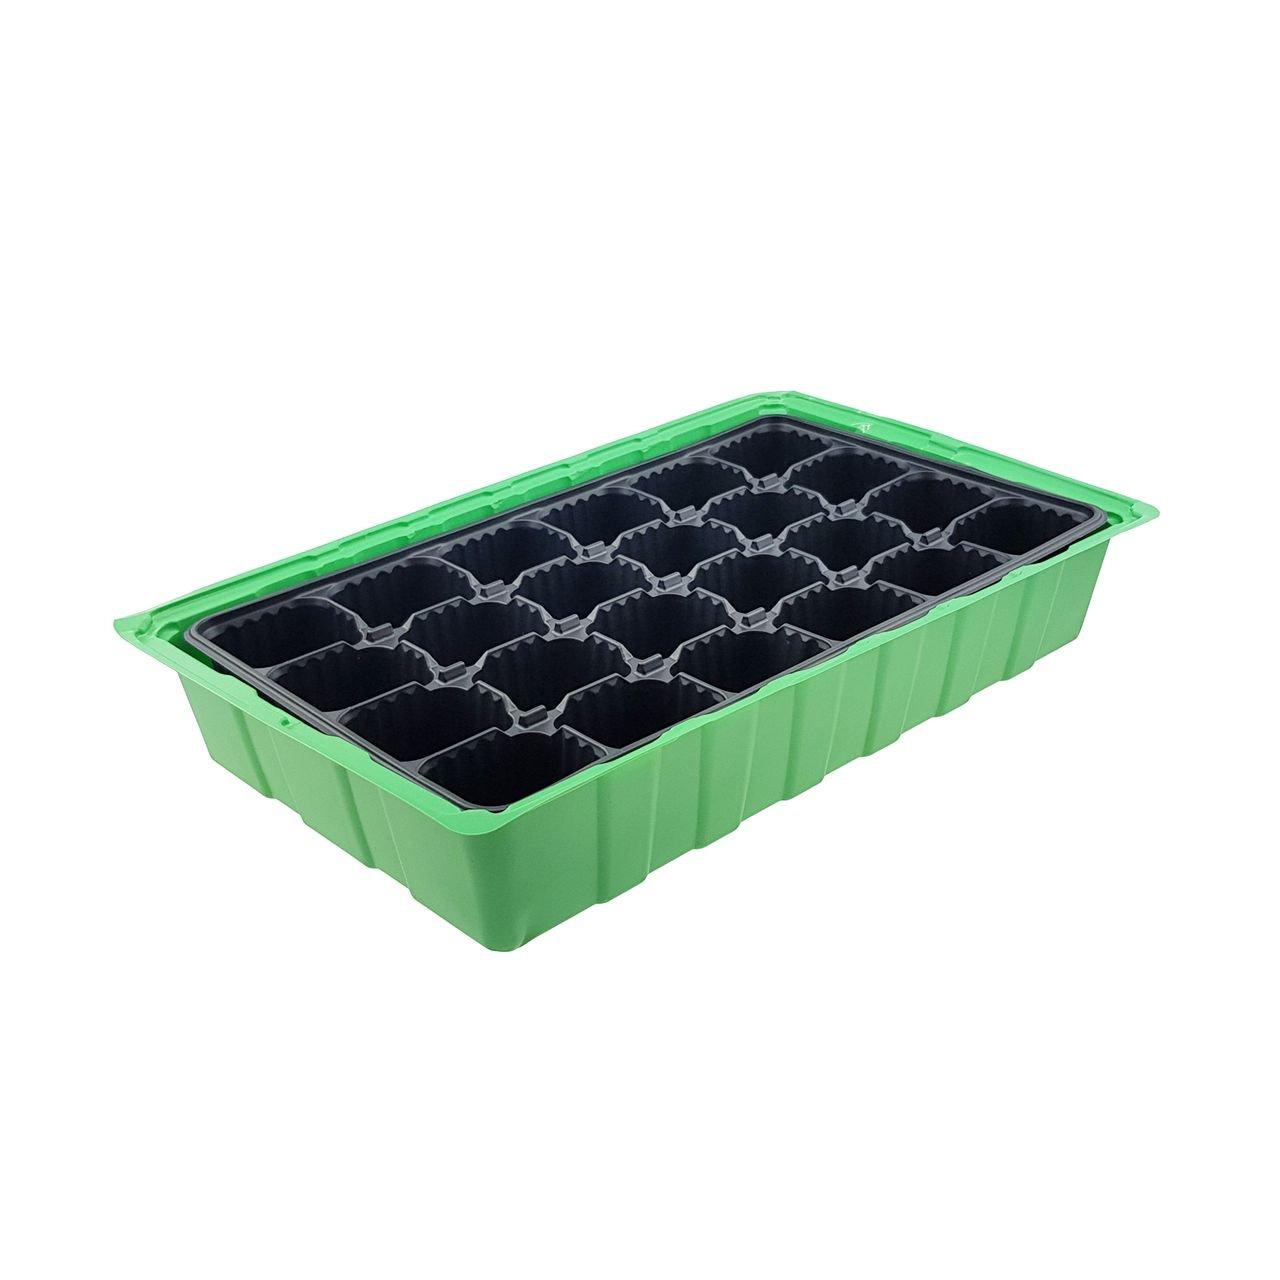 4 x Invernadero - para hasta 96 Plantas, aprox. 36 X 22 X 12 cm (LxBxH) por Mini invernadero, plástico, verde/negro/transparente: Amazon.es: Jardín